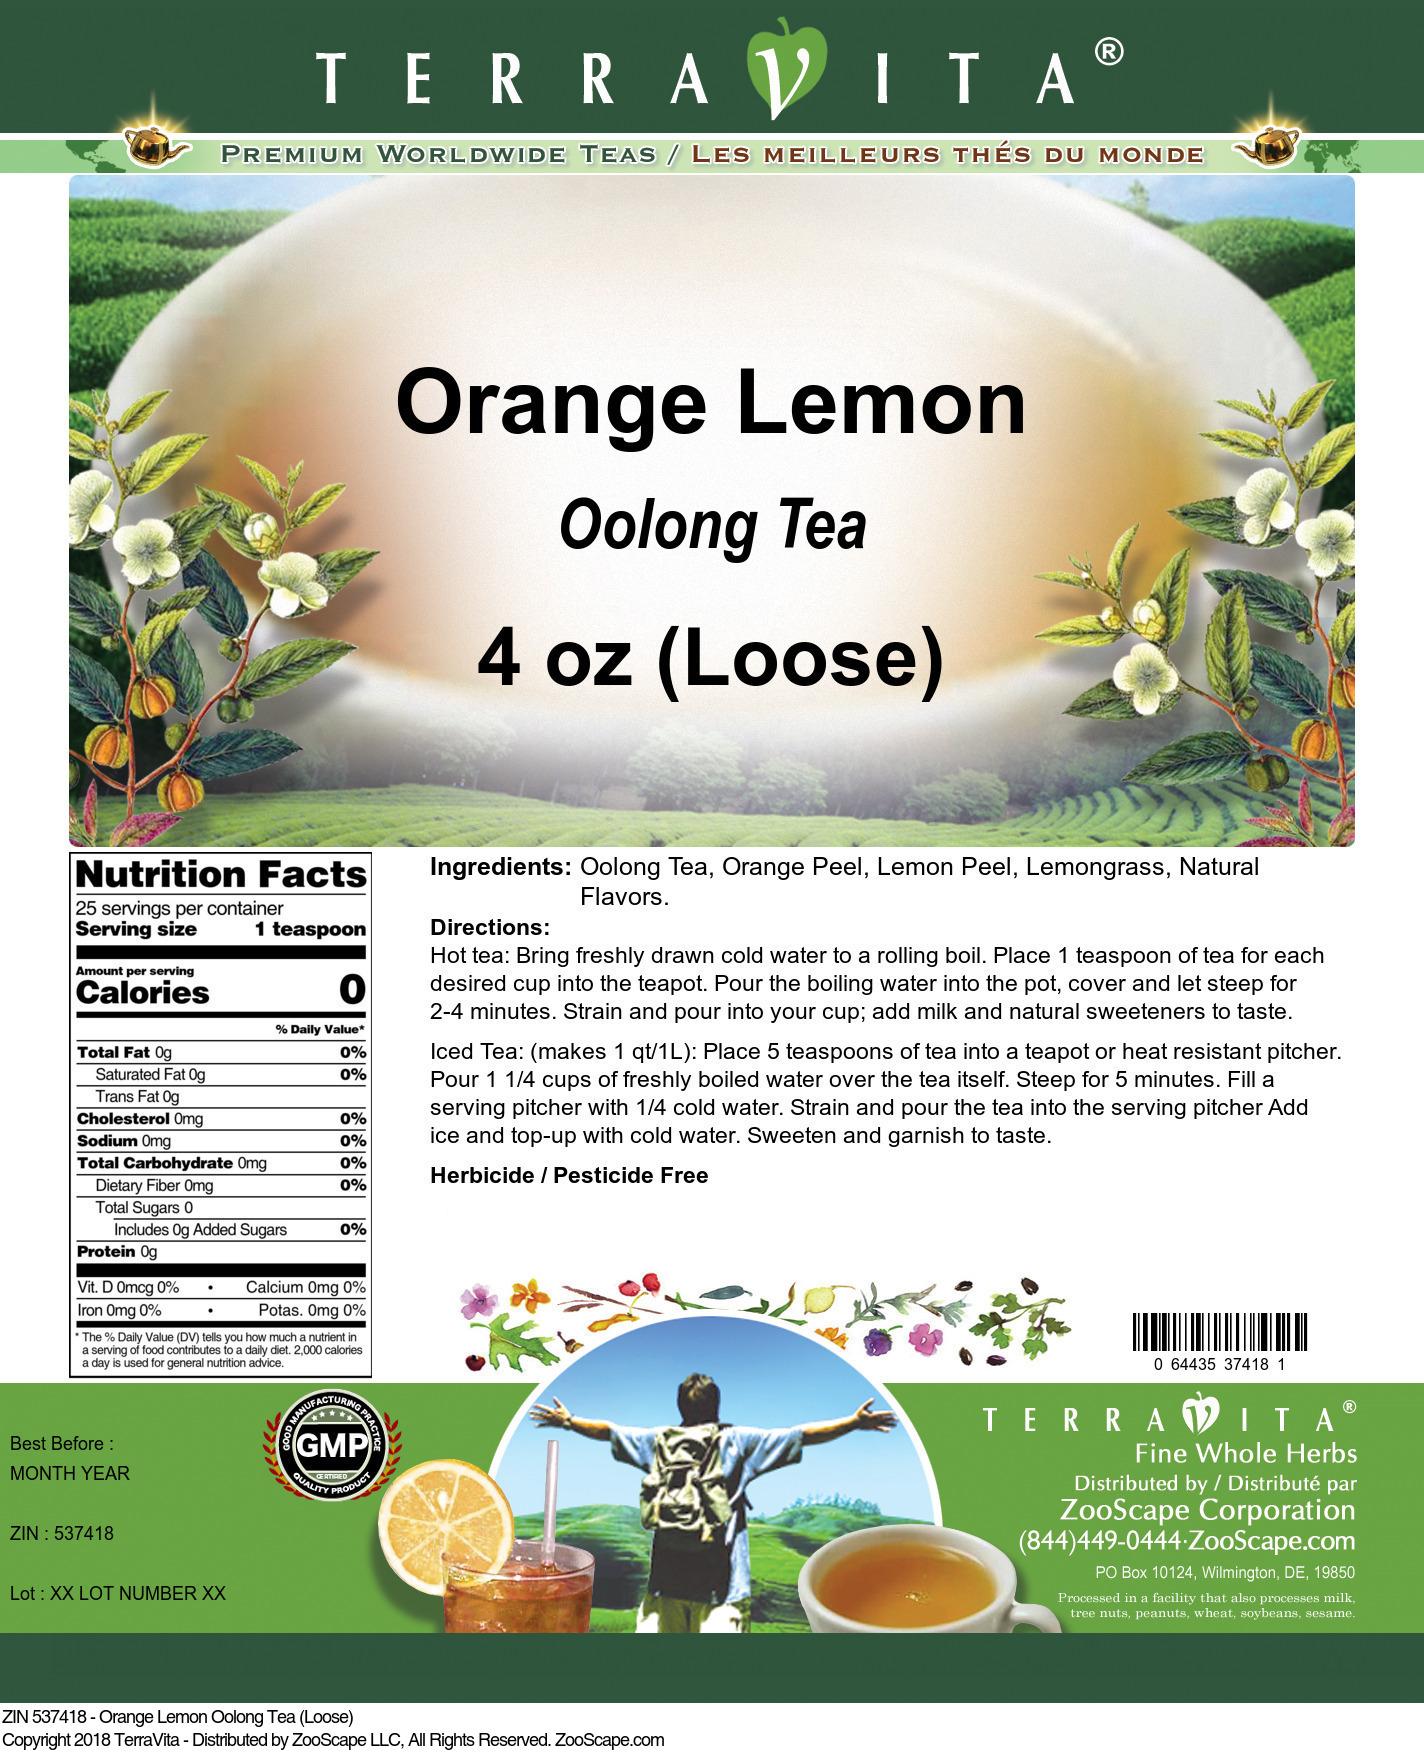 Orange Lemon Oolong Tea (Loose)